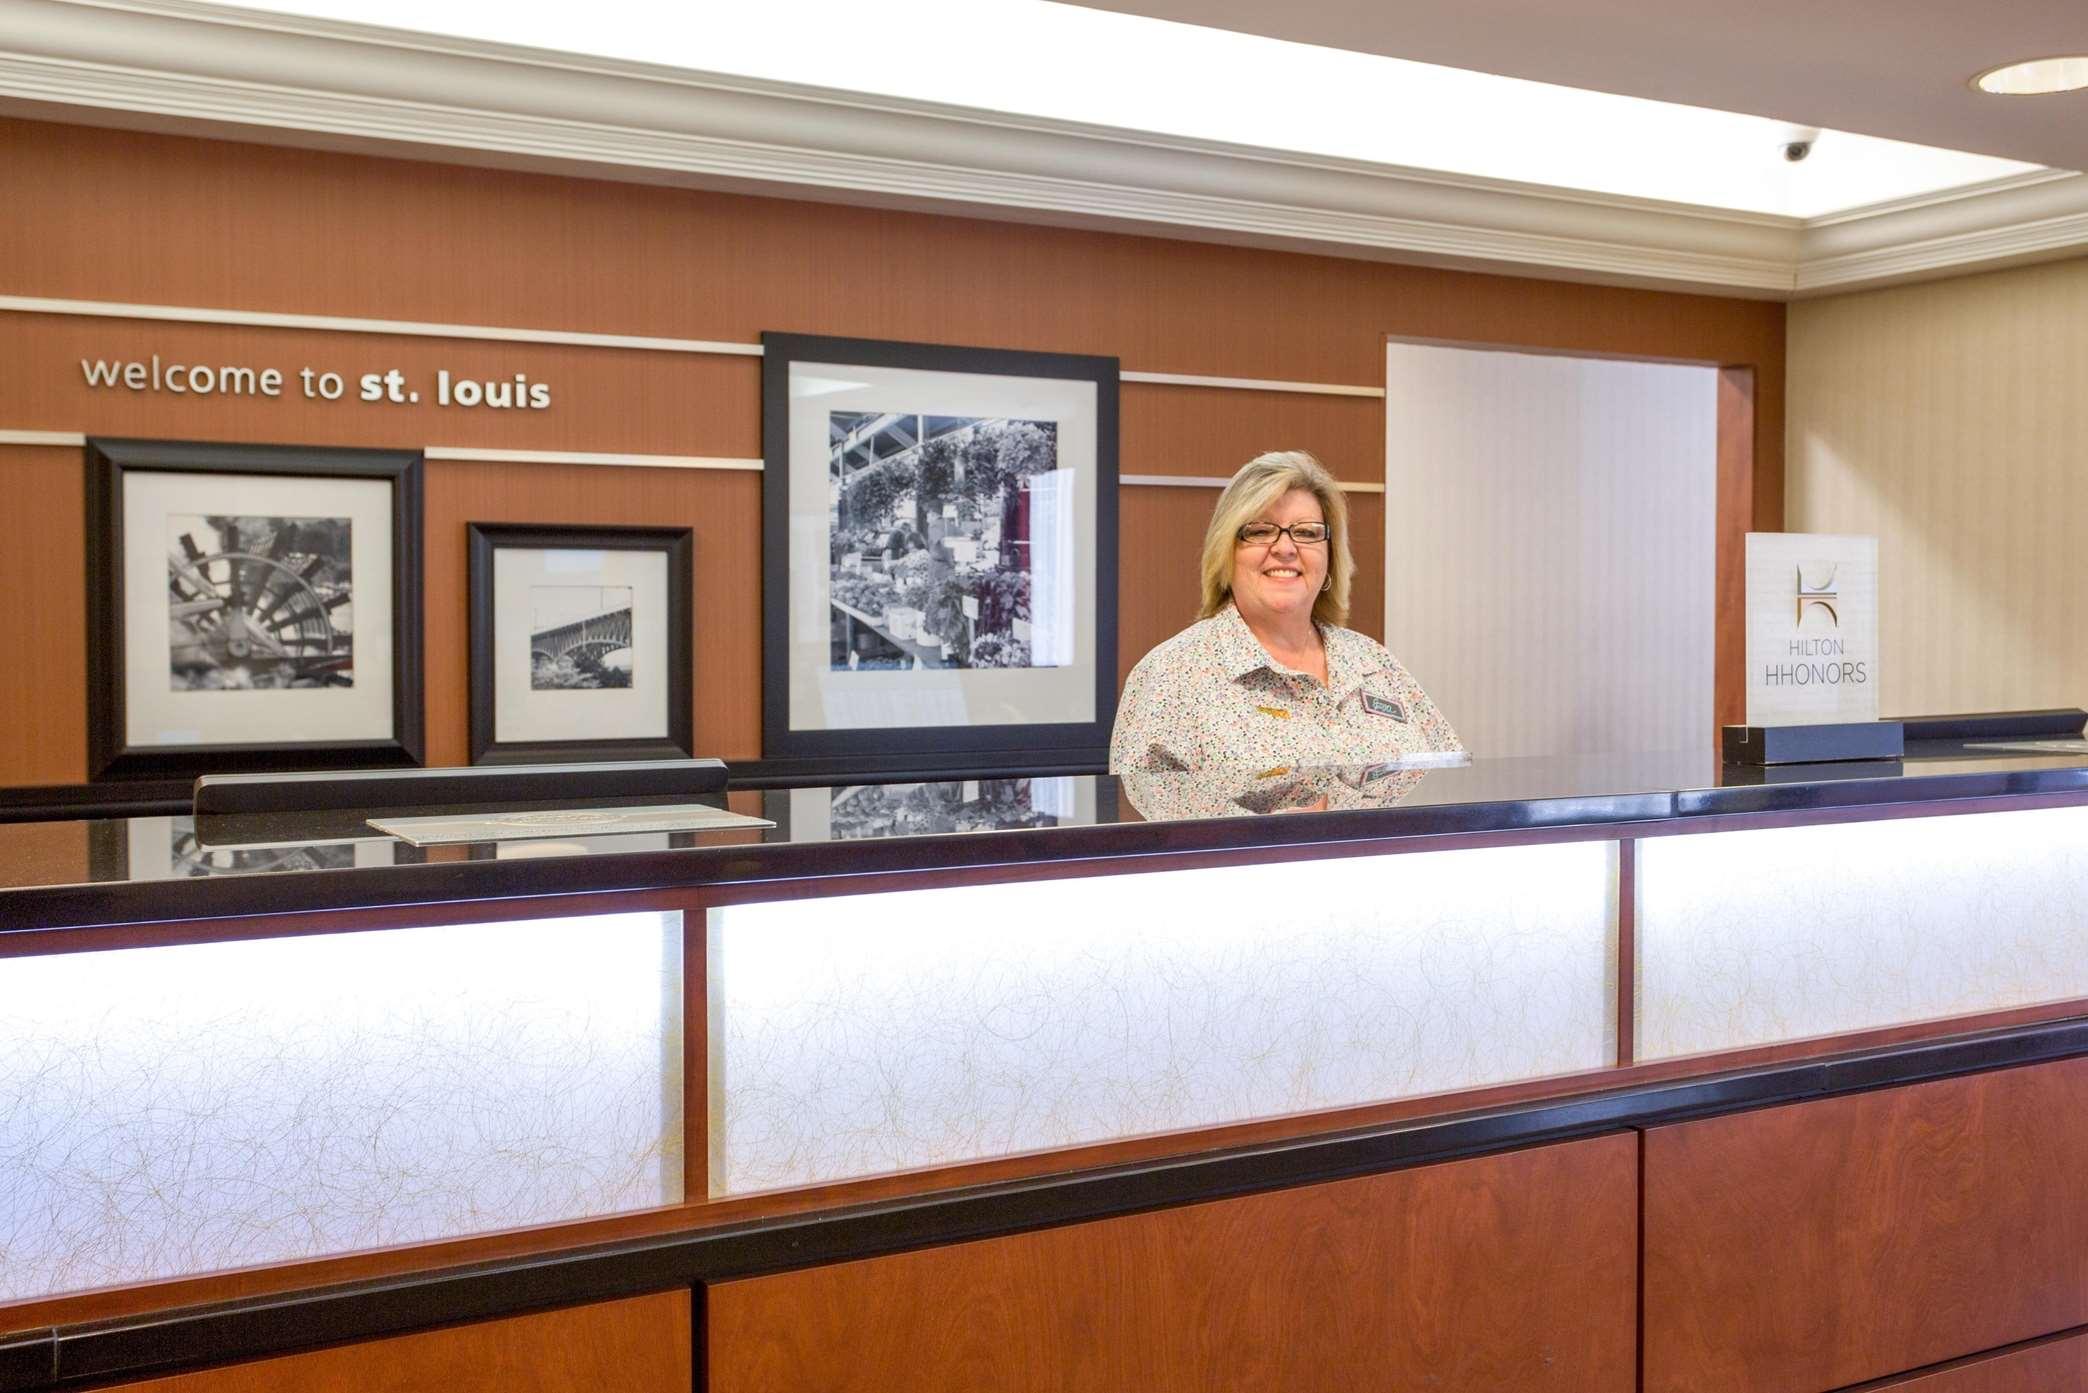 Hampton Inn St. Louis-Airport image 13